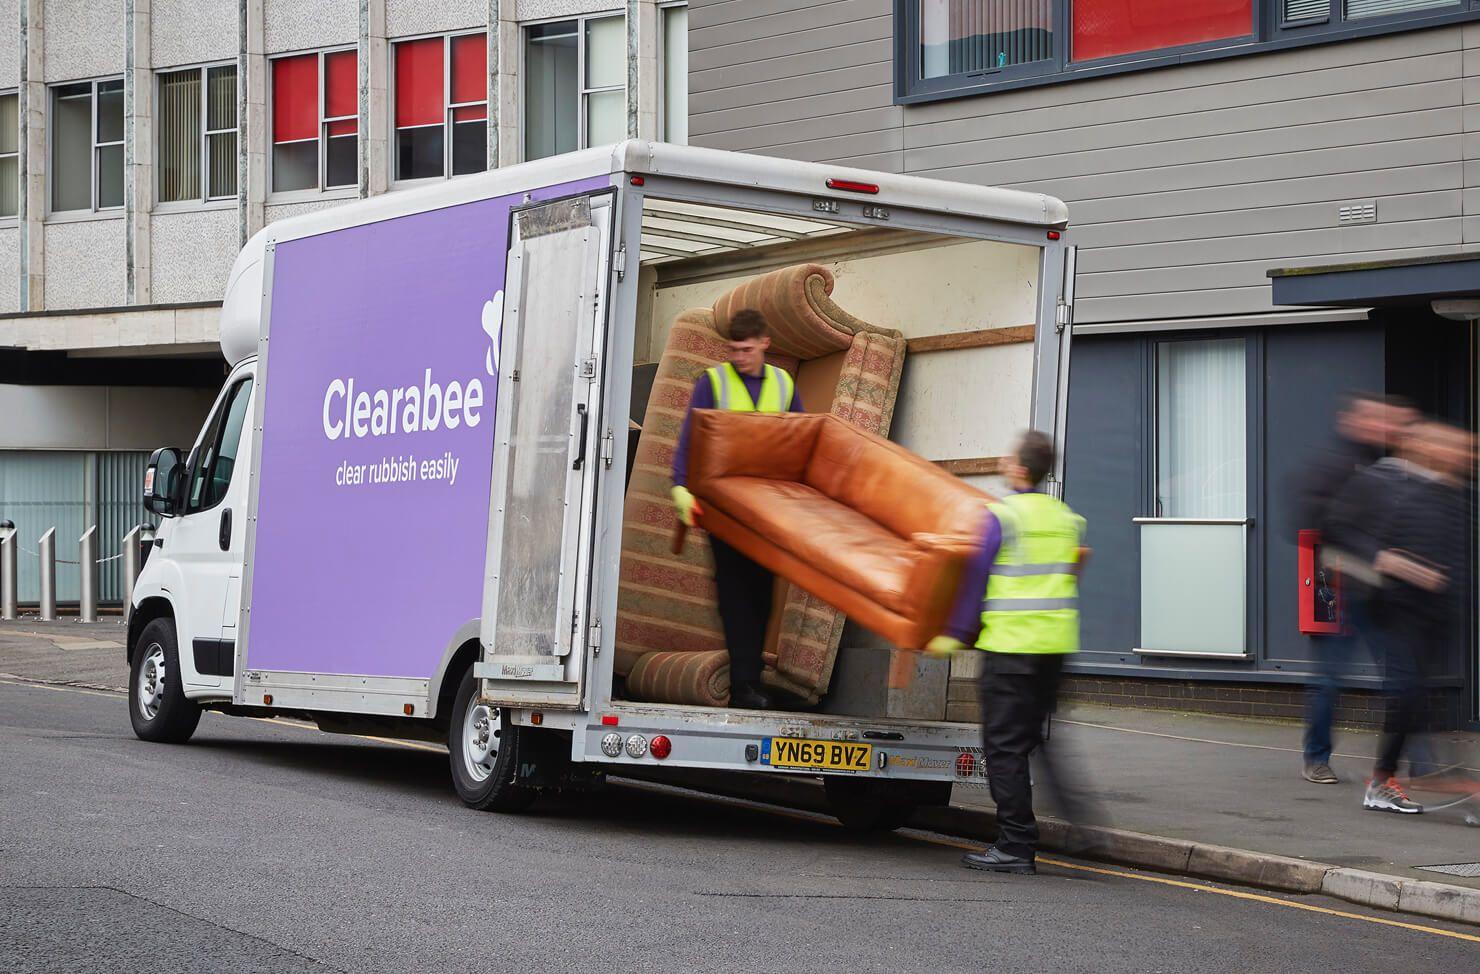 sofa loaded into a van